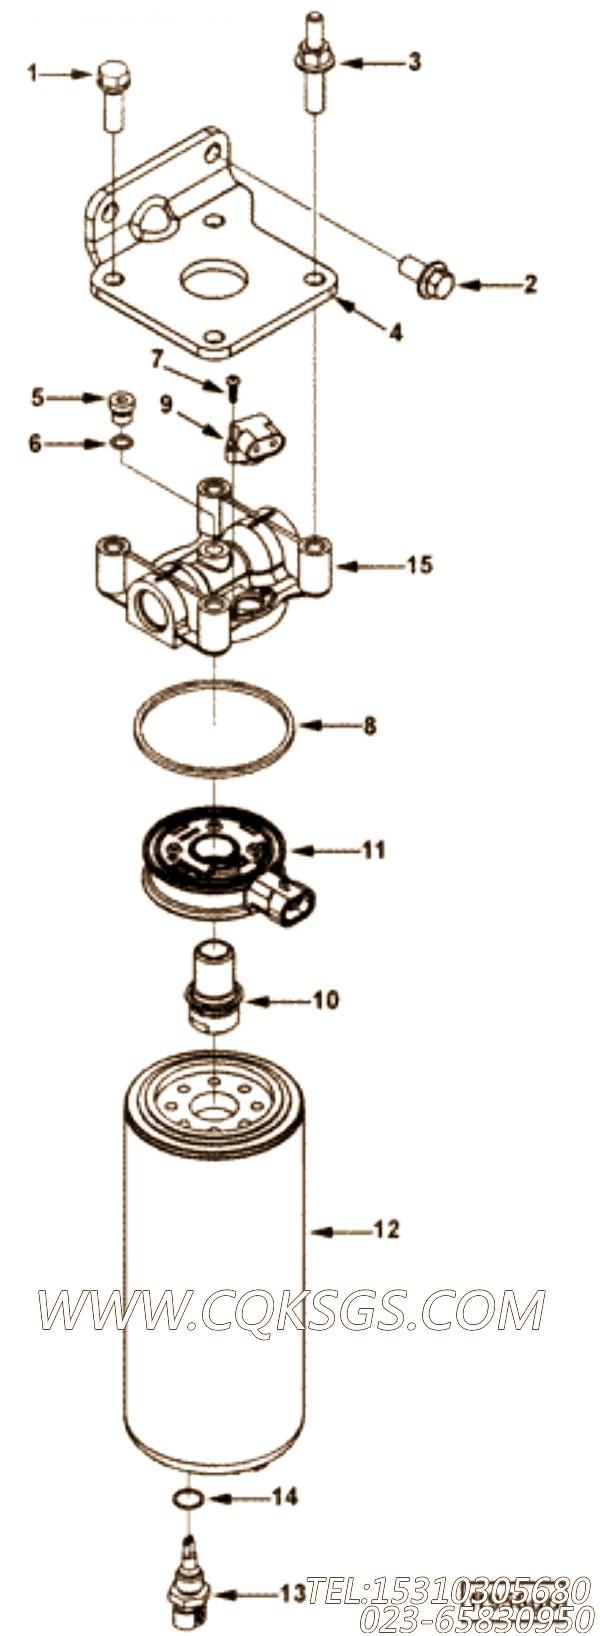 【矩形密封圈】康明斯CUMMINS柴油机的3834185 矩形密封圈